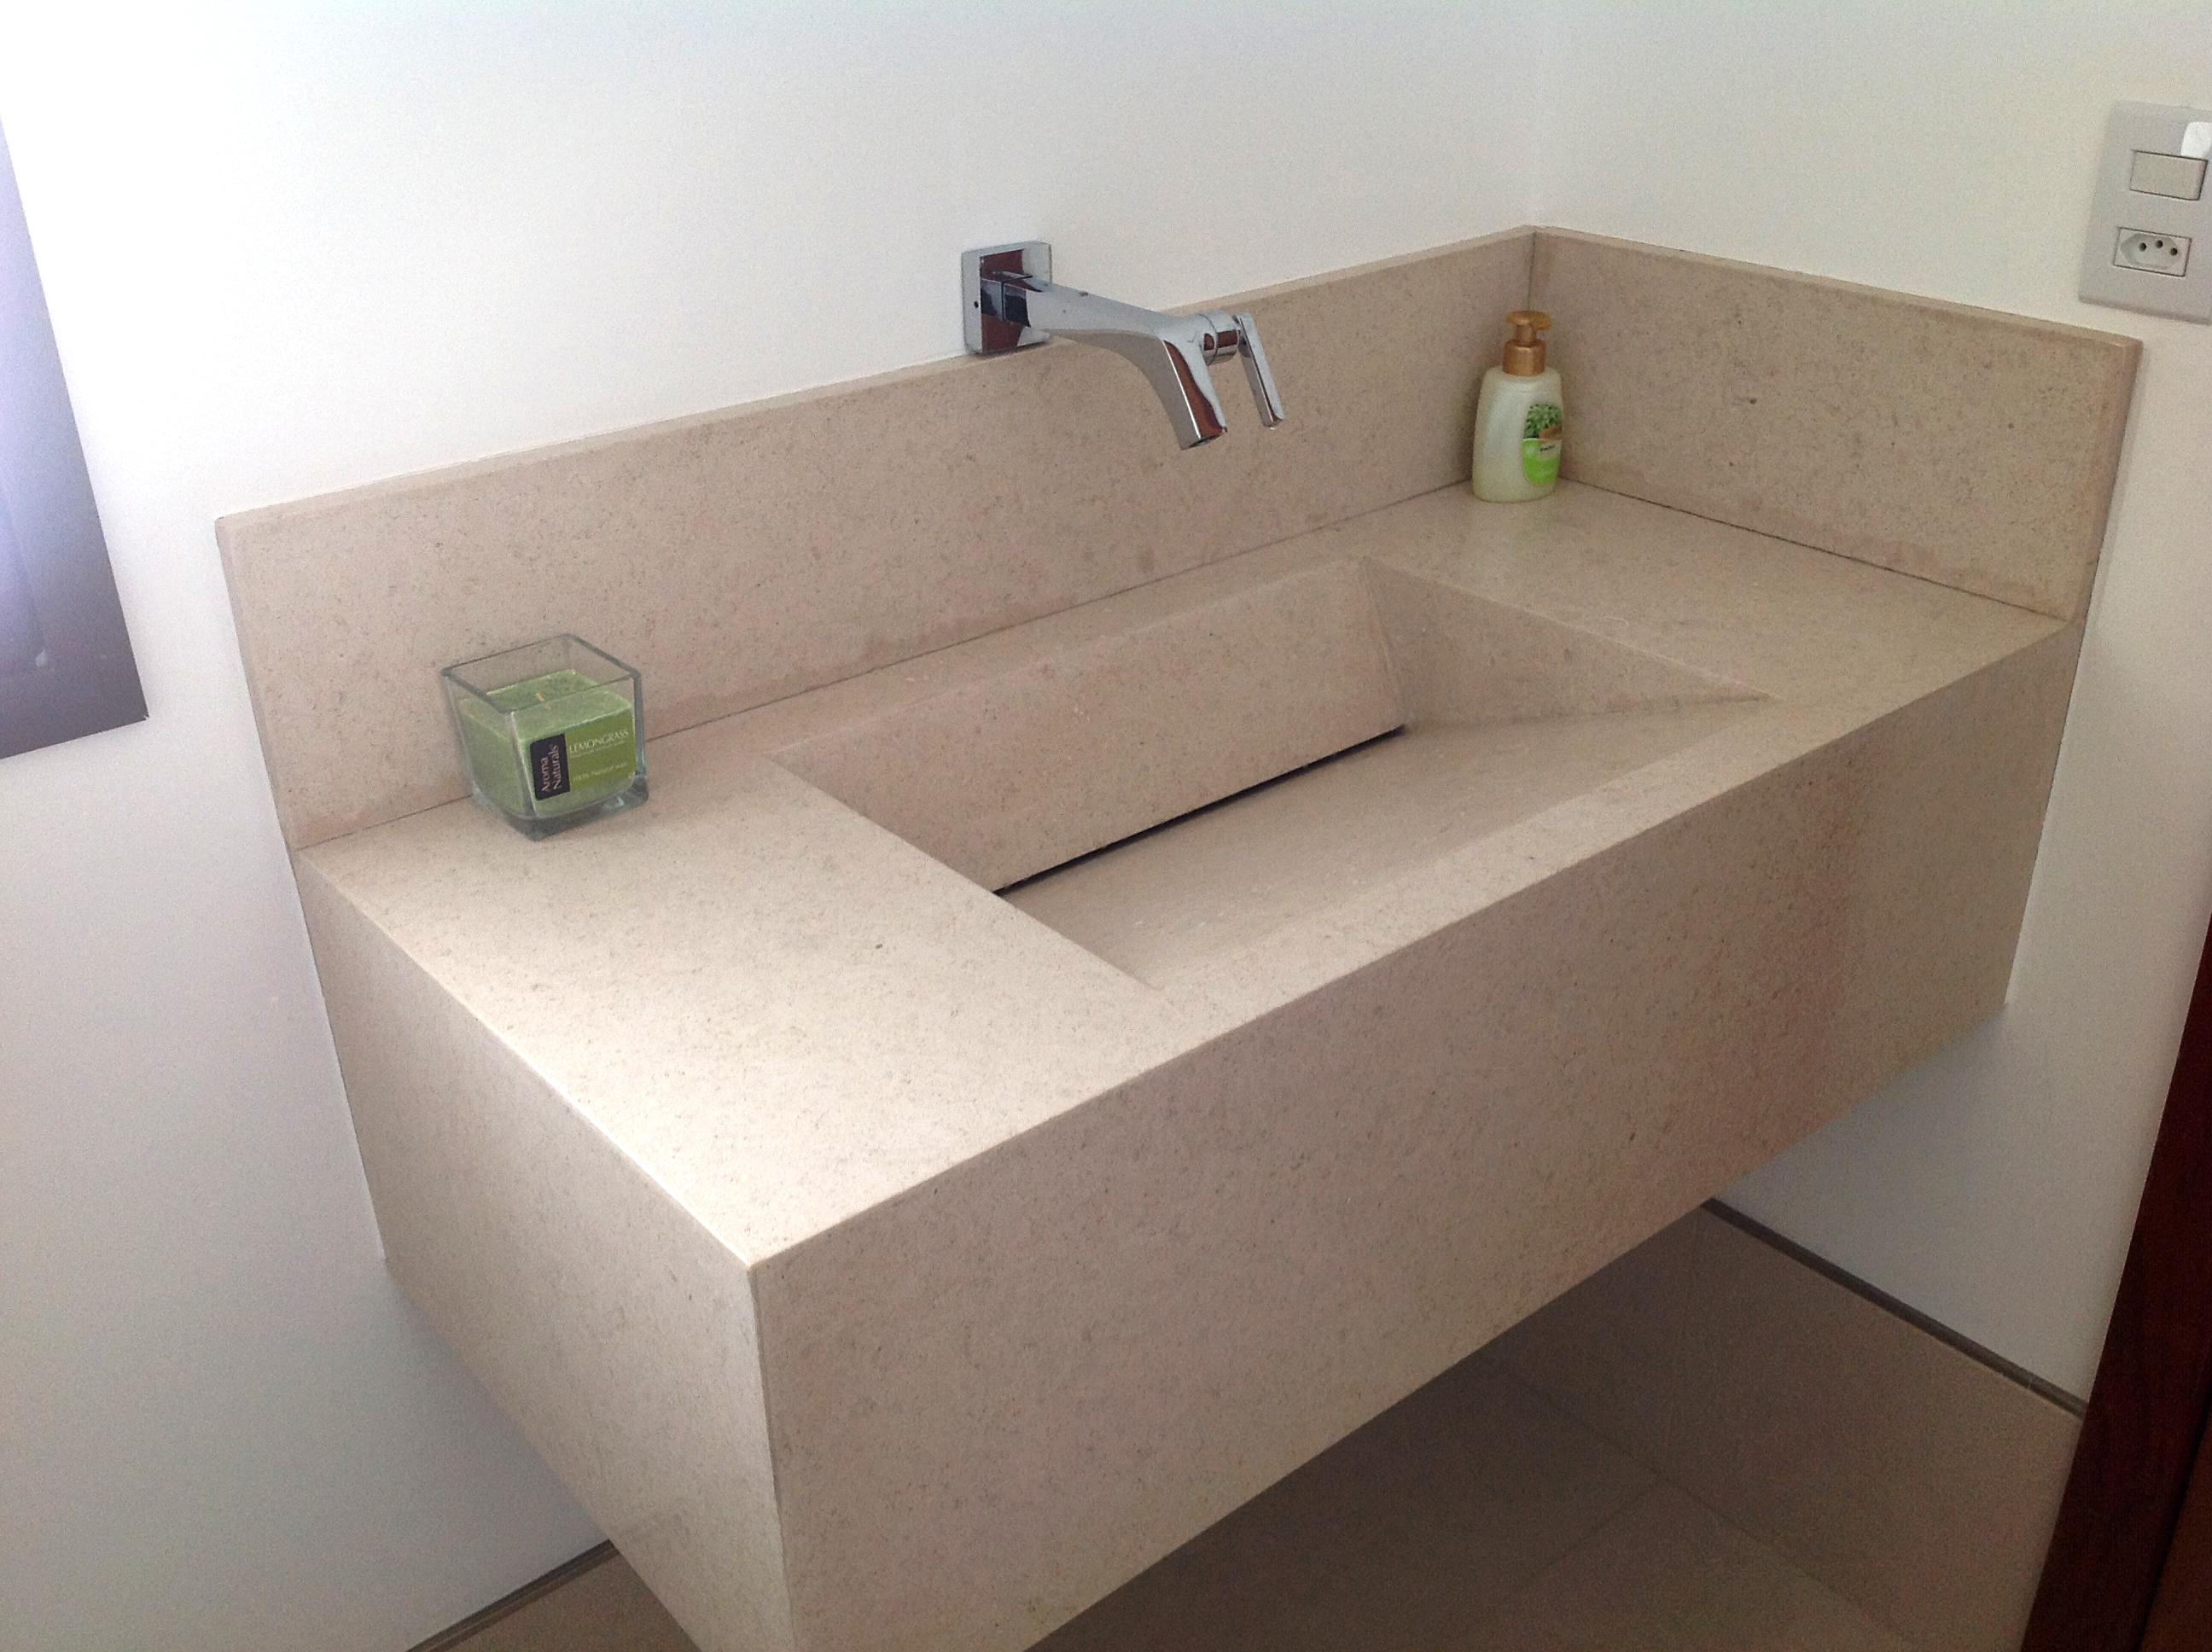 Veja mais ambientes semelhantes #3C2C24 2592x1936 Bancada Banheiro Crema Marfil